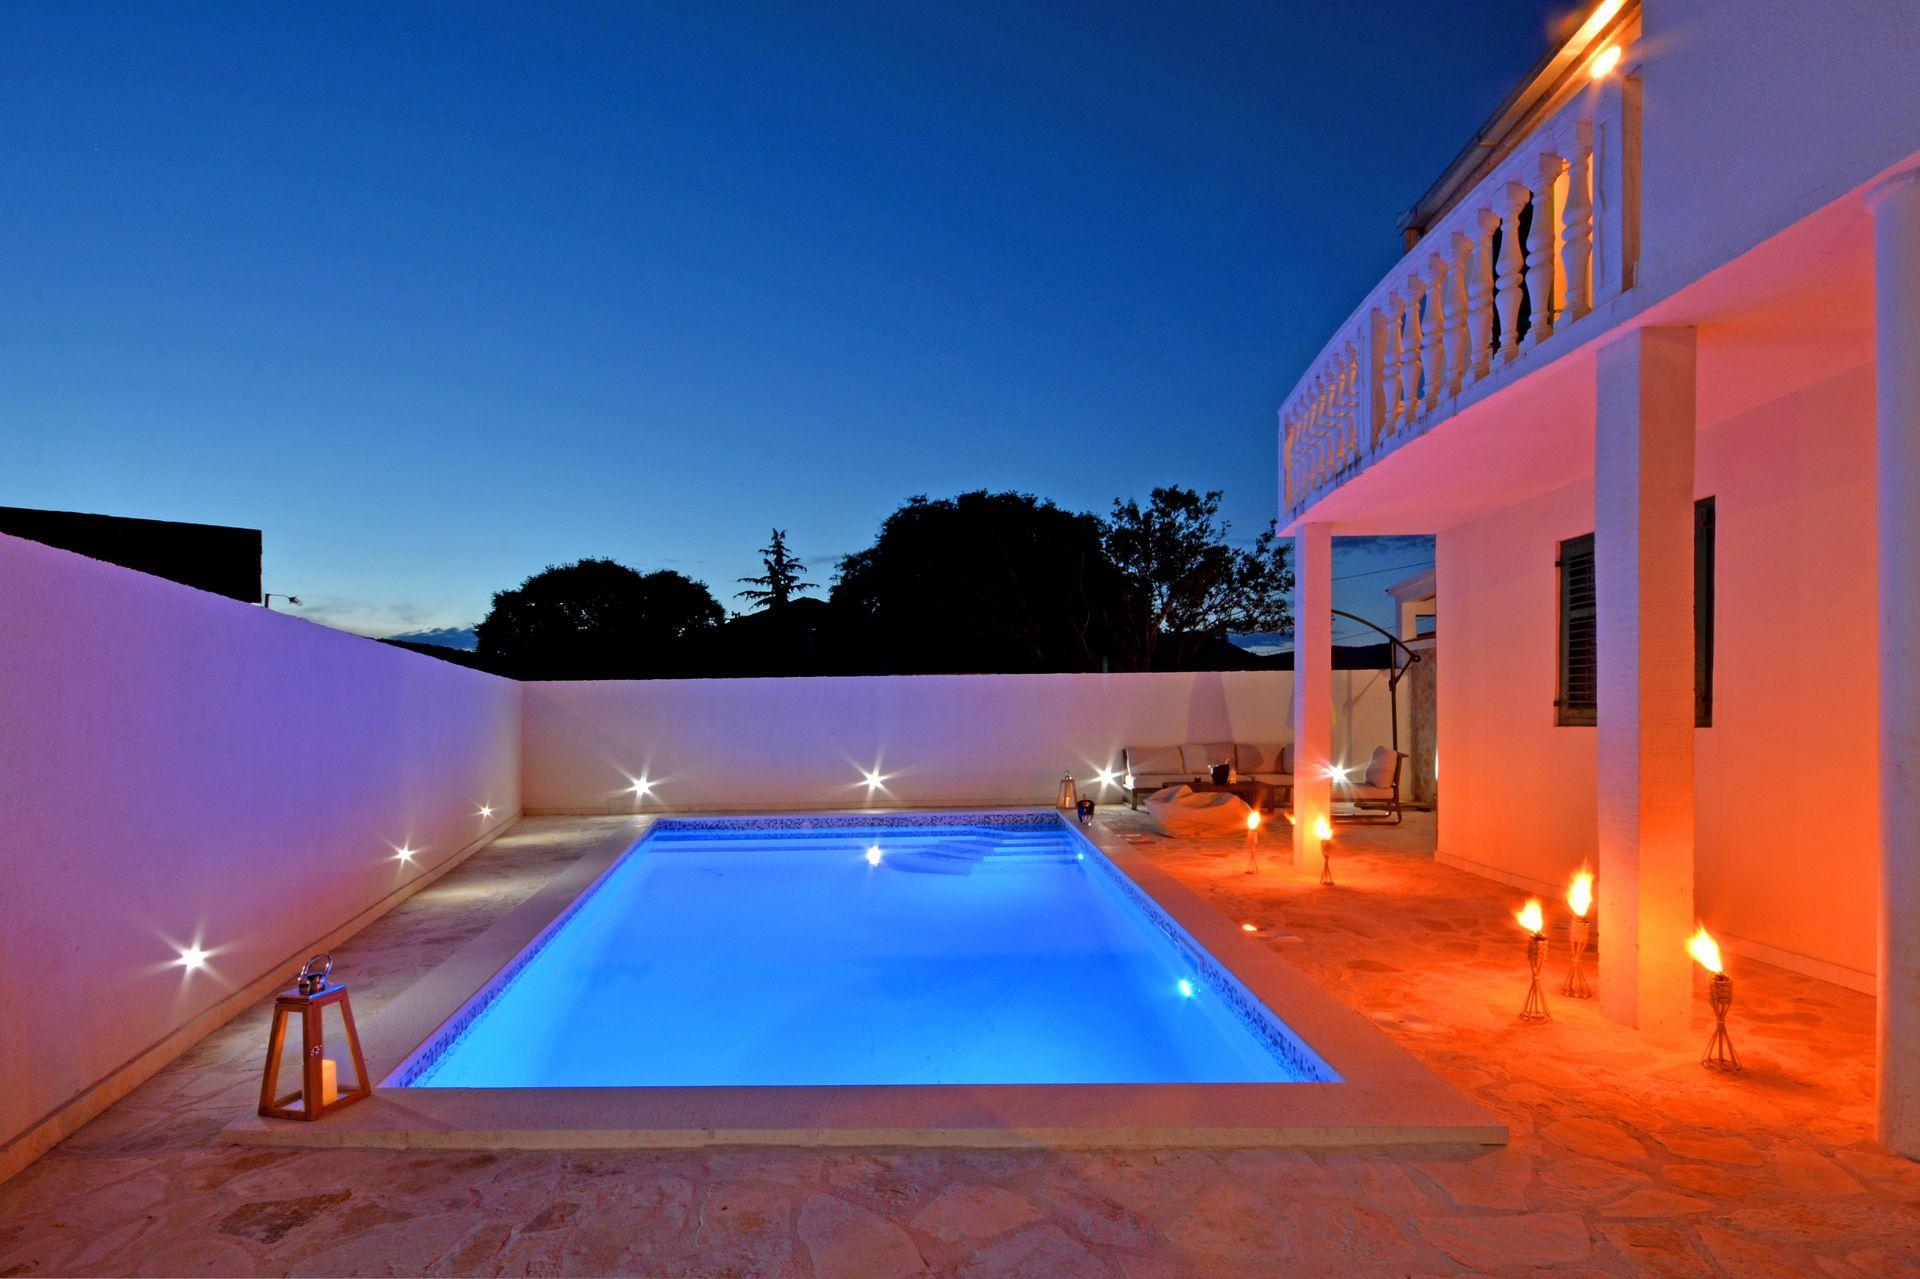 Zeljko - Marina - Appartementen Kroatië - zwembad